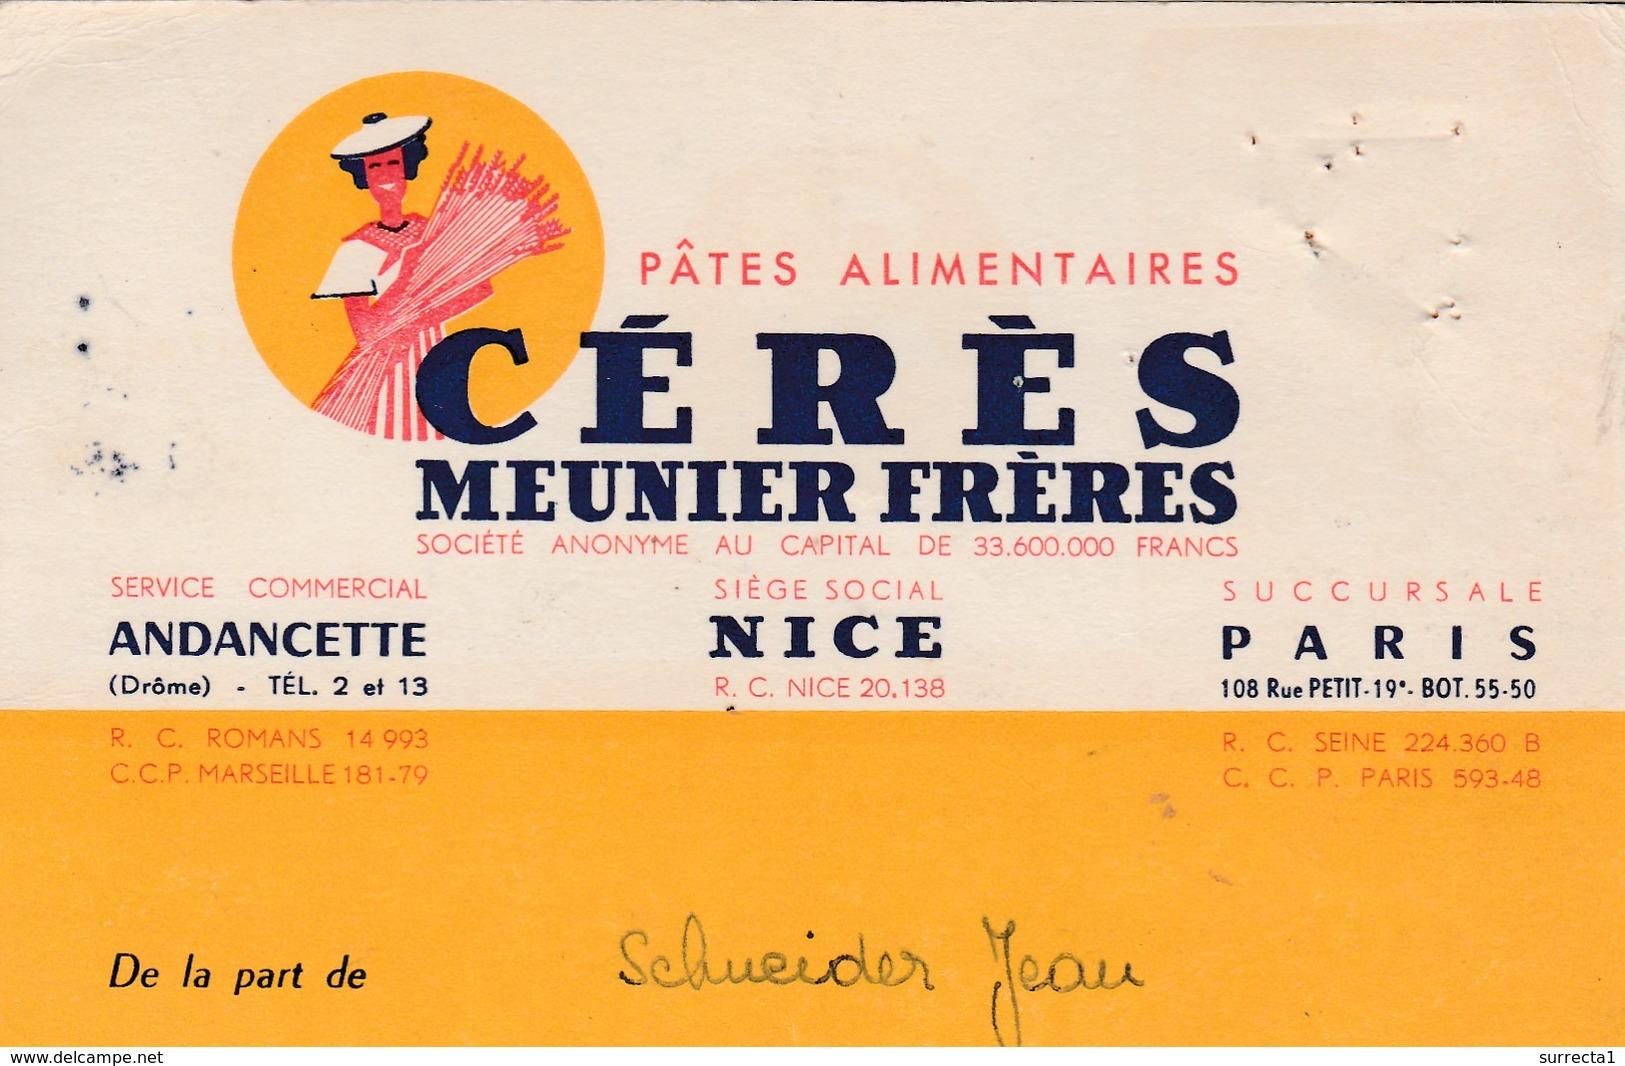 Carte Commerciale MEUNIER Frères / Pâtes / Cérès / 26 Andancette  Drôme ( Cachet ) / 06 Nice / Paris - Cartes